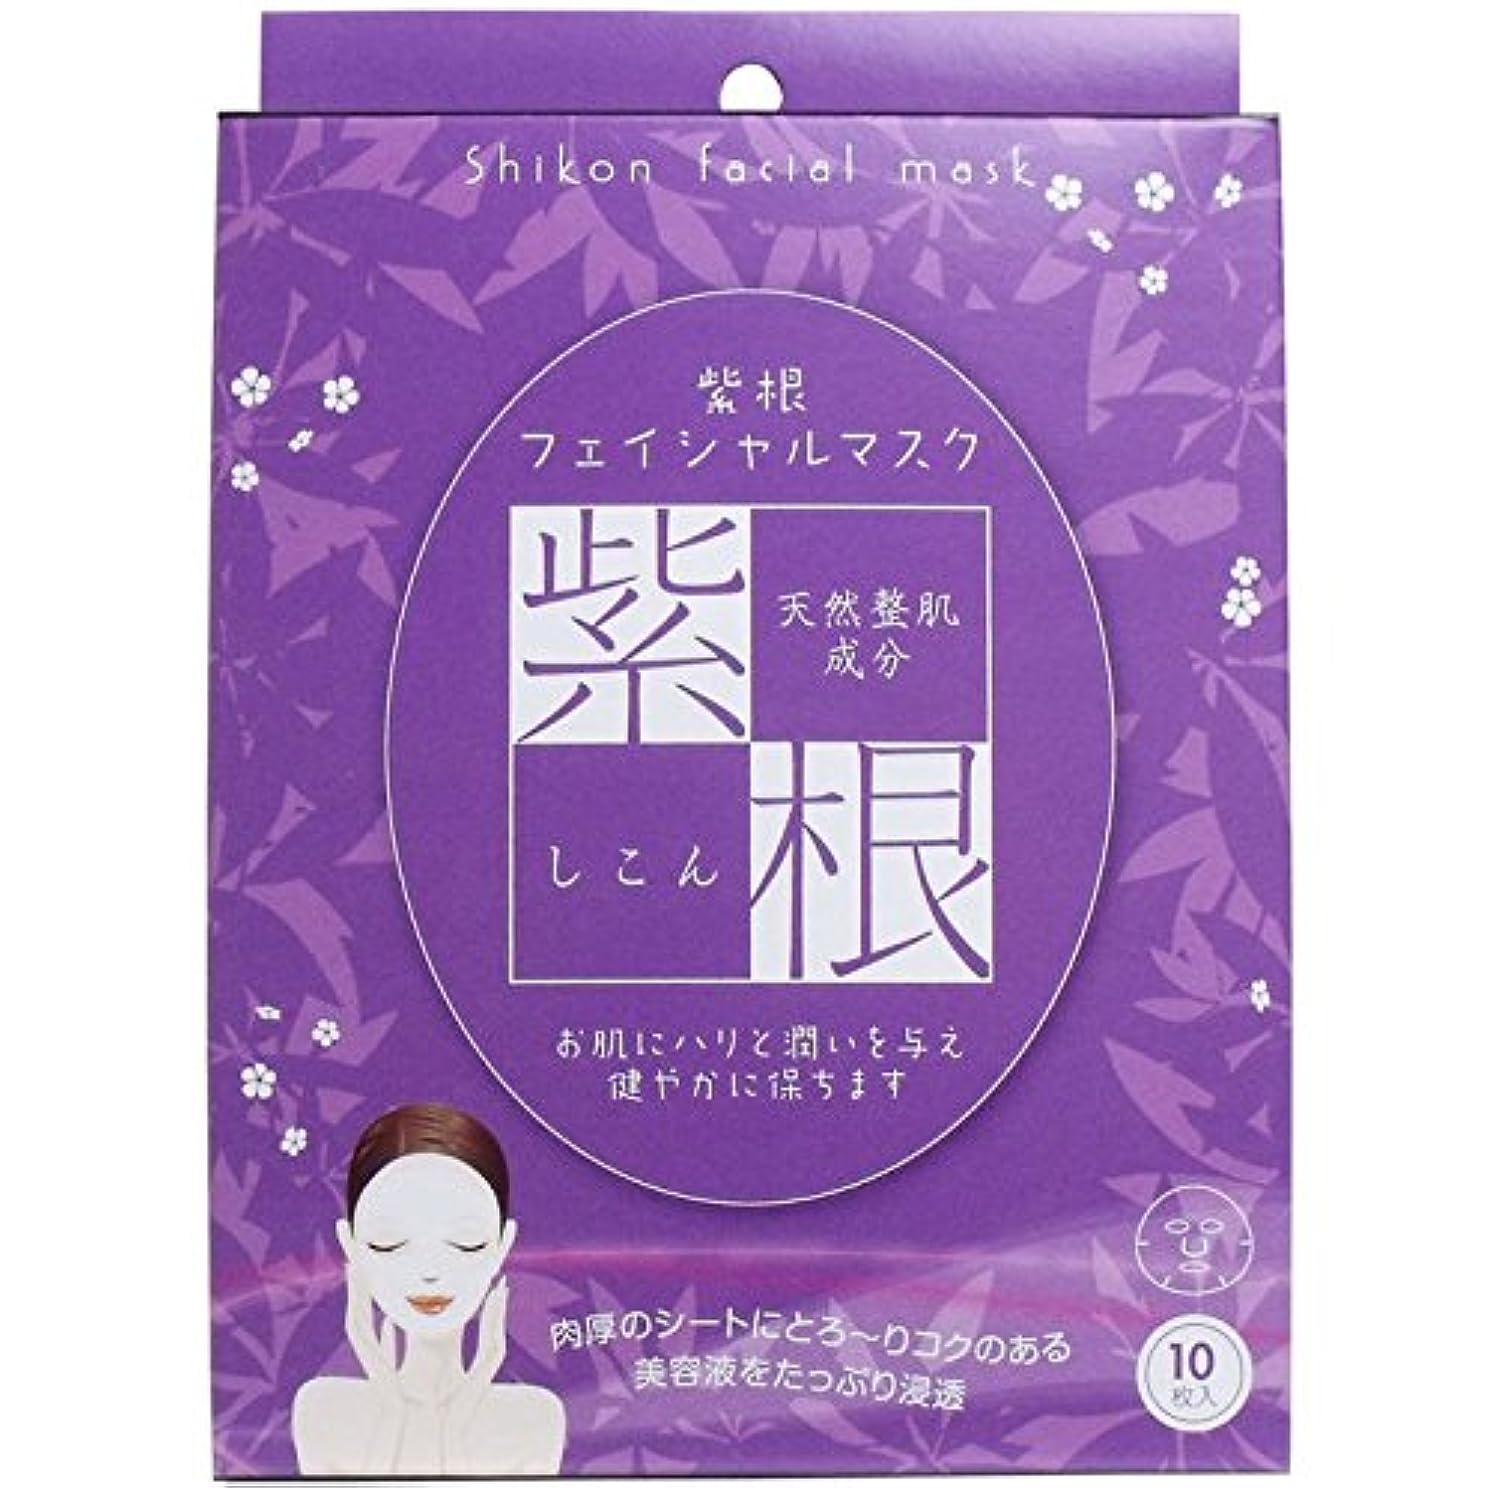 ユーモア乱闘評議会紫根フェイシャルマスク 10枚×(4セット)